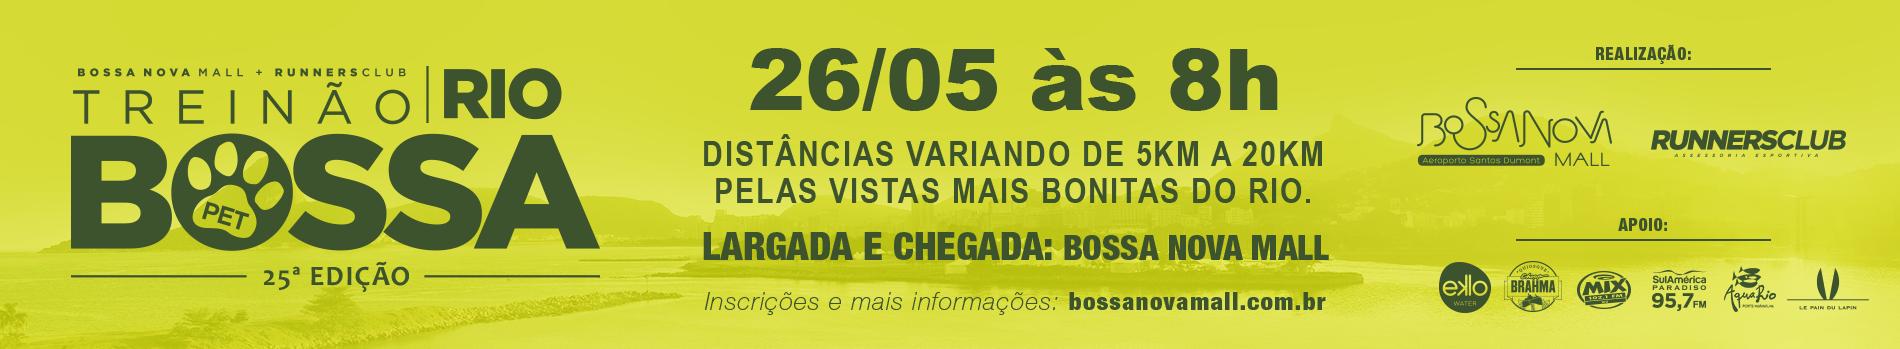 TREINÃO BOSSA - RIO DE JANEIRO RJ - edição pet